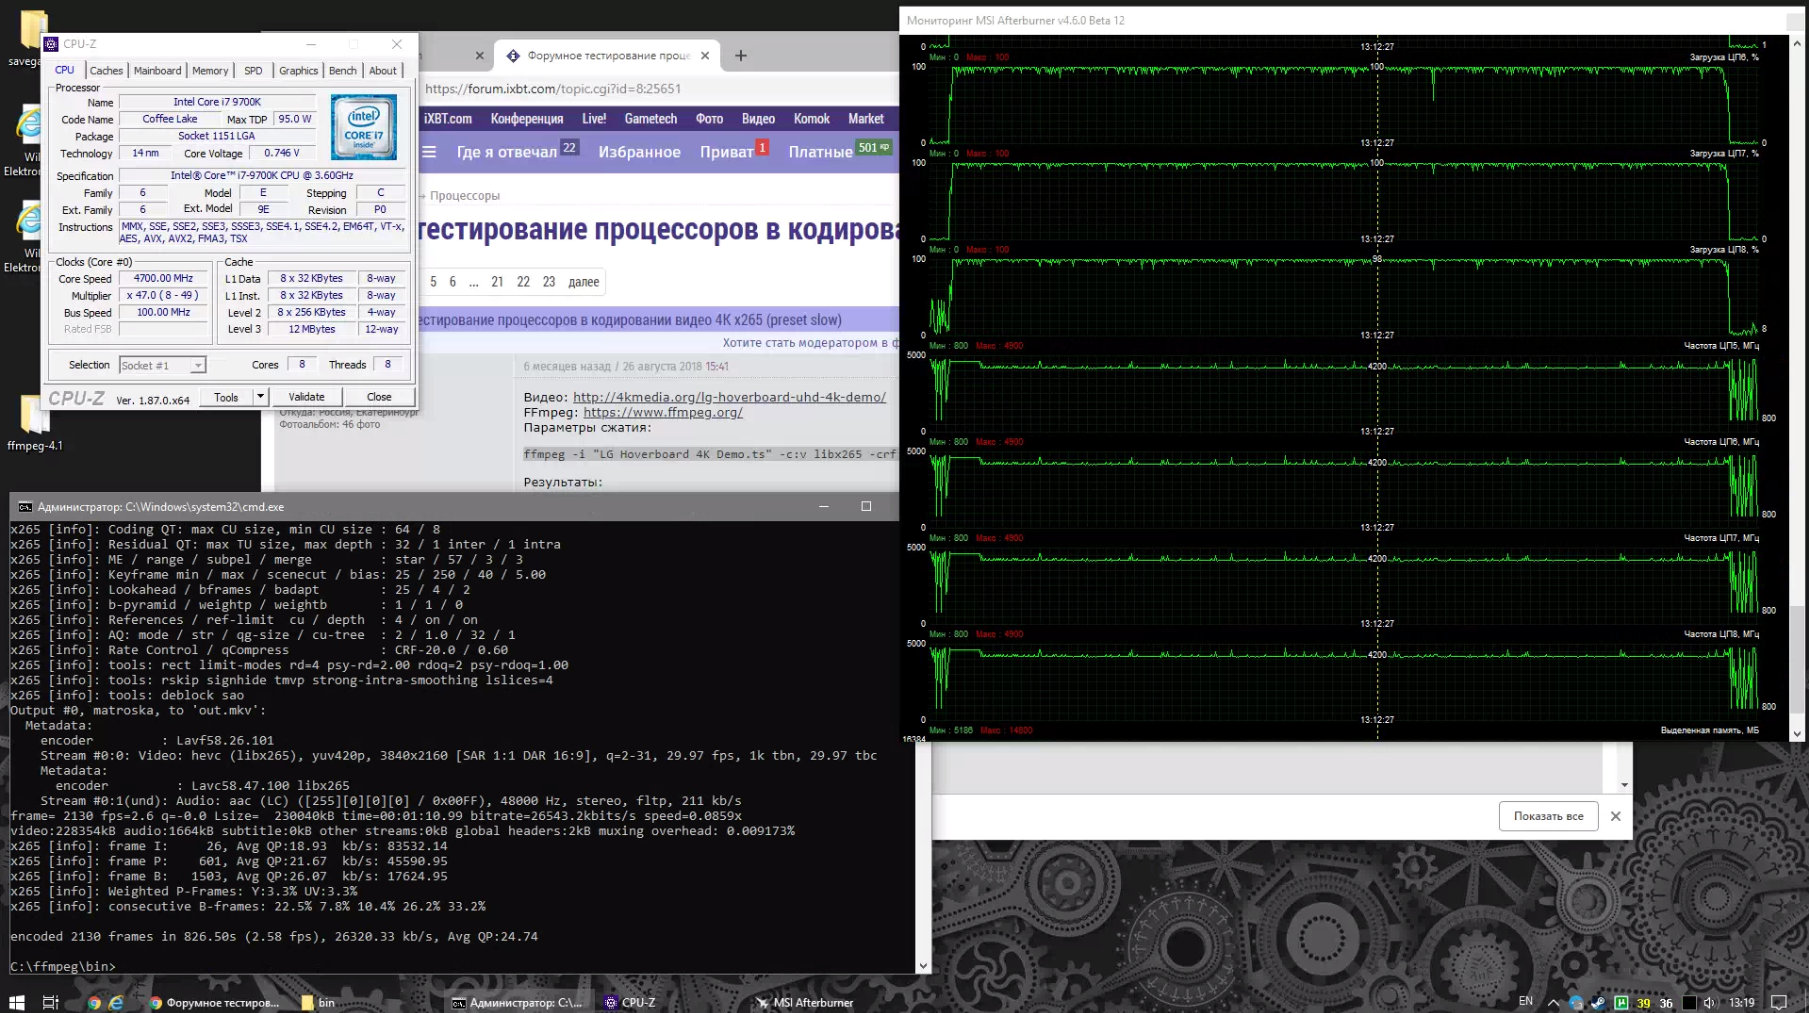 Форумное тестирование процессоров в кодировании видео 4K x265